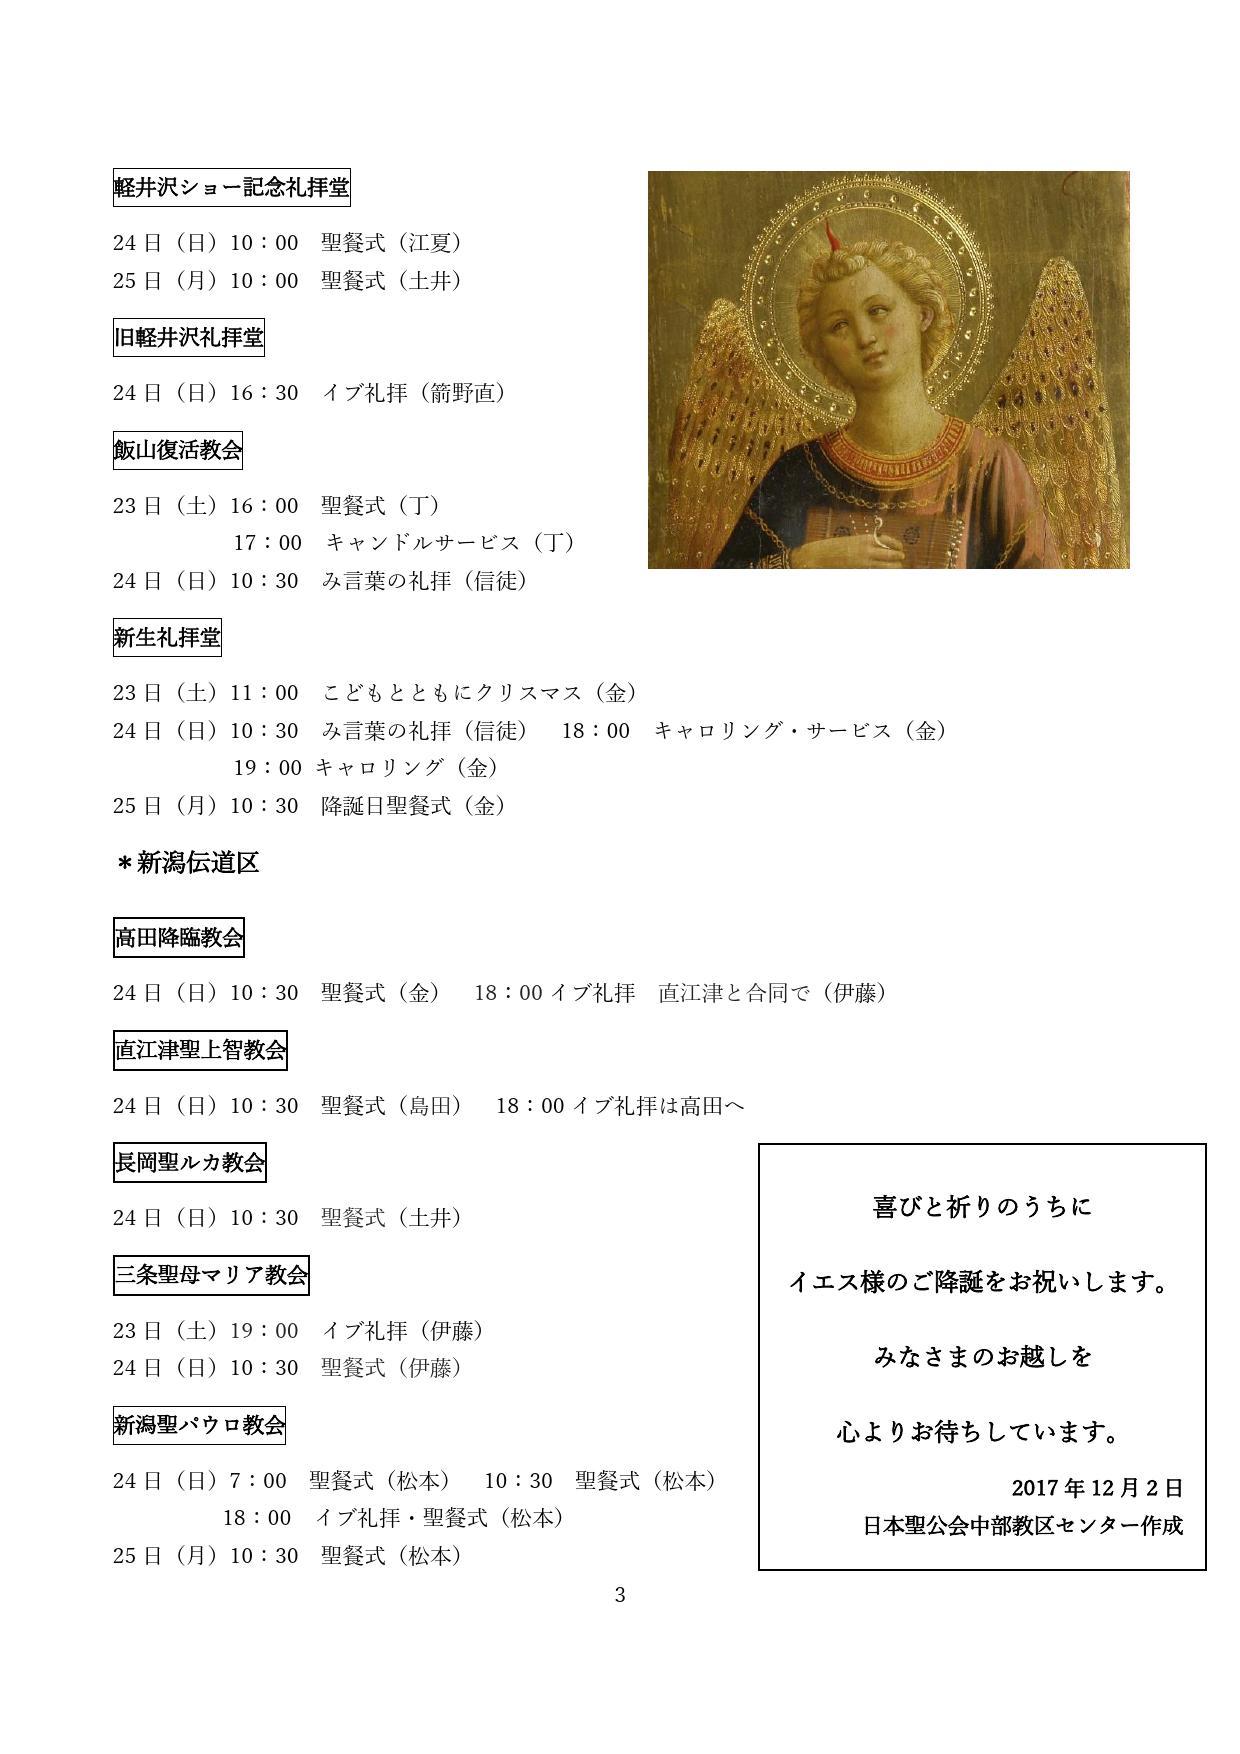 クリスマス礼拝カレンダー_000003